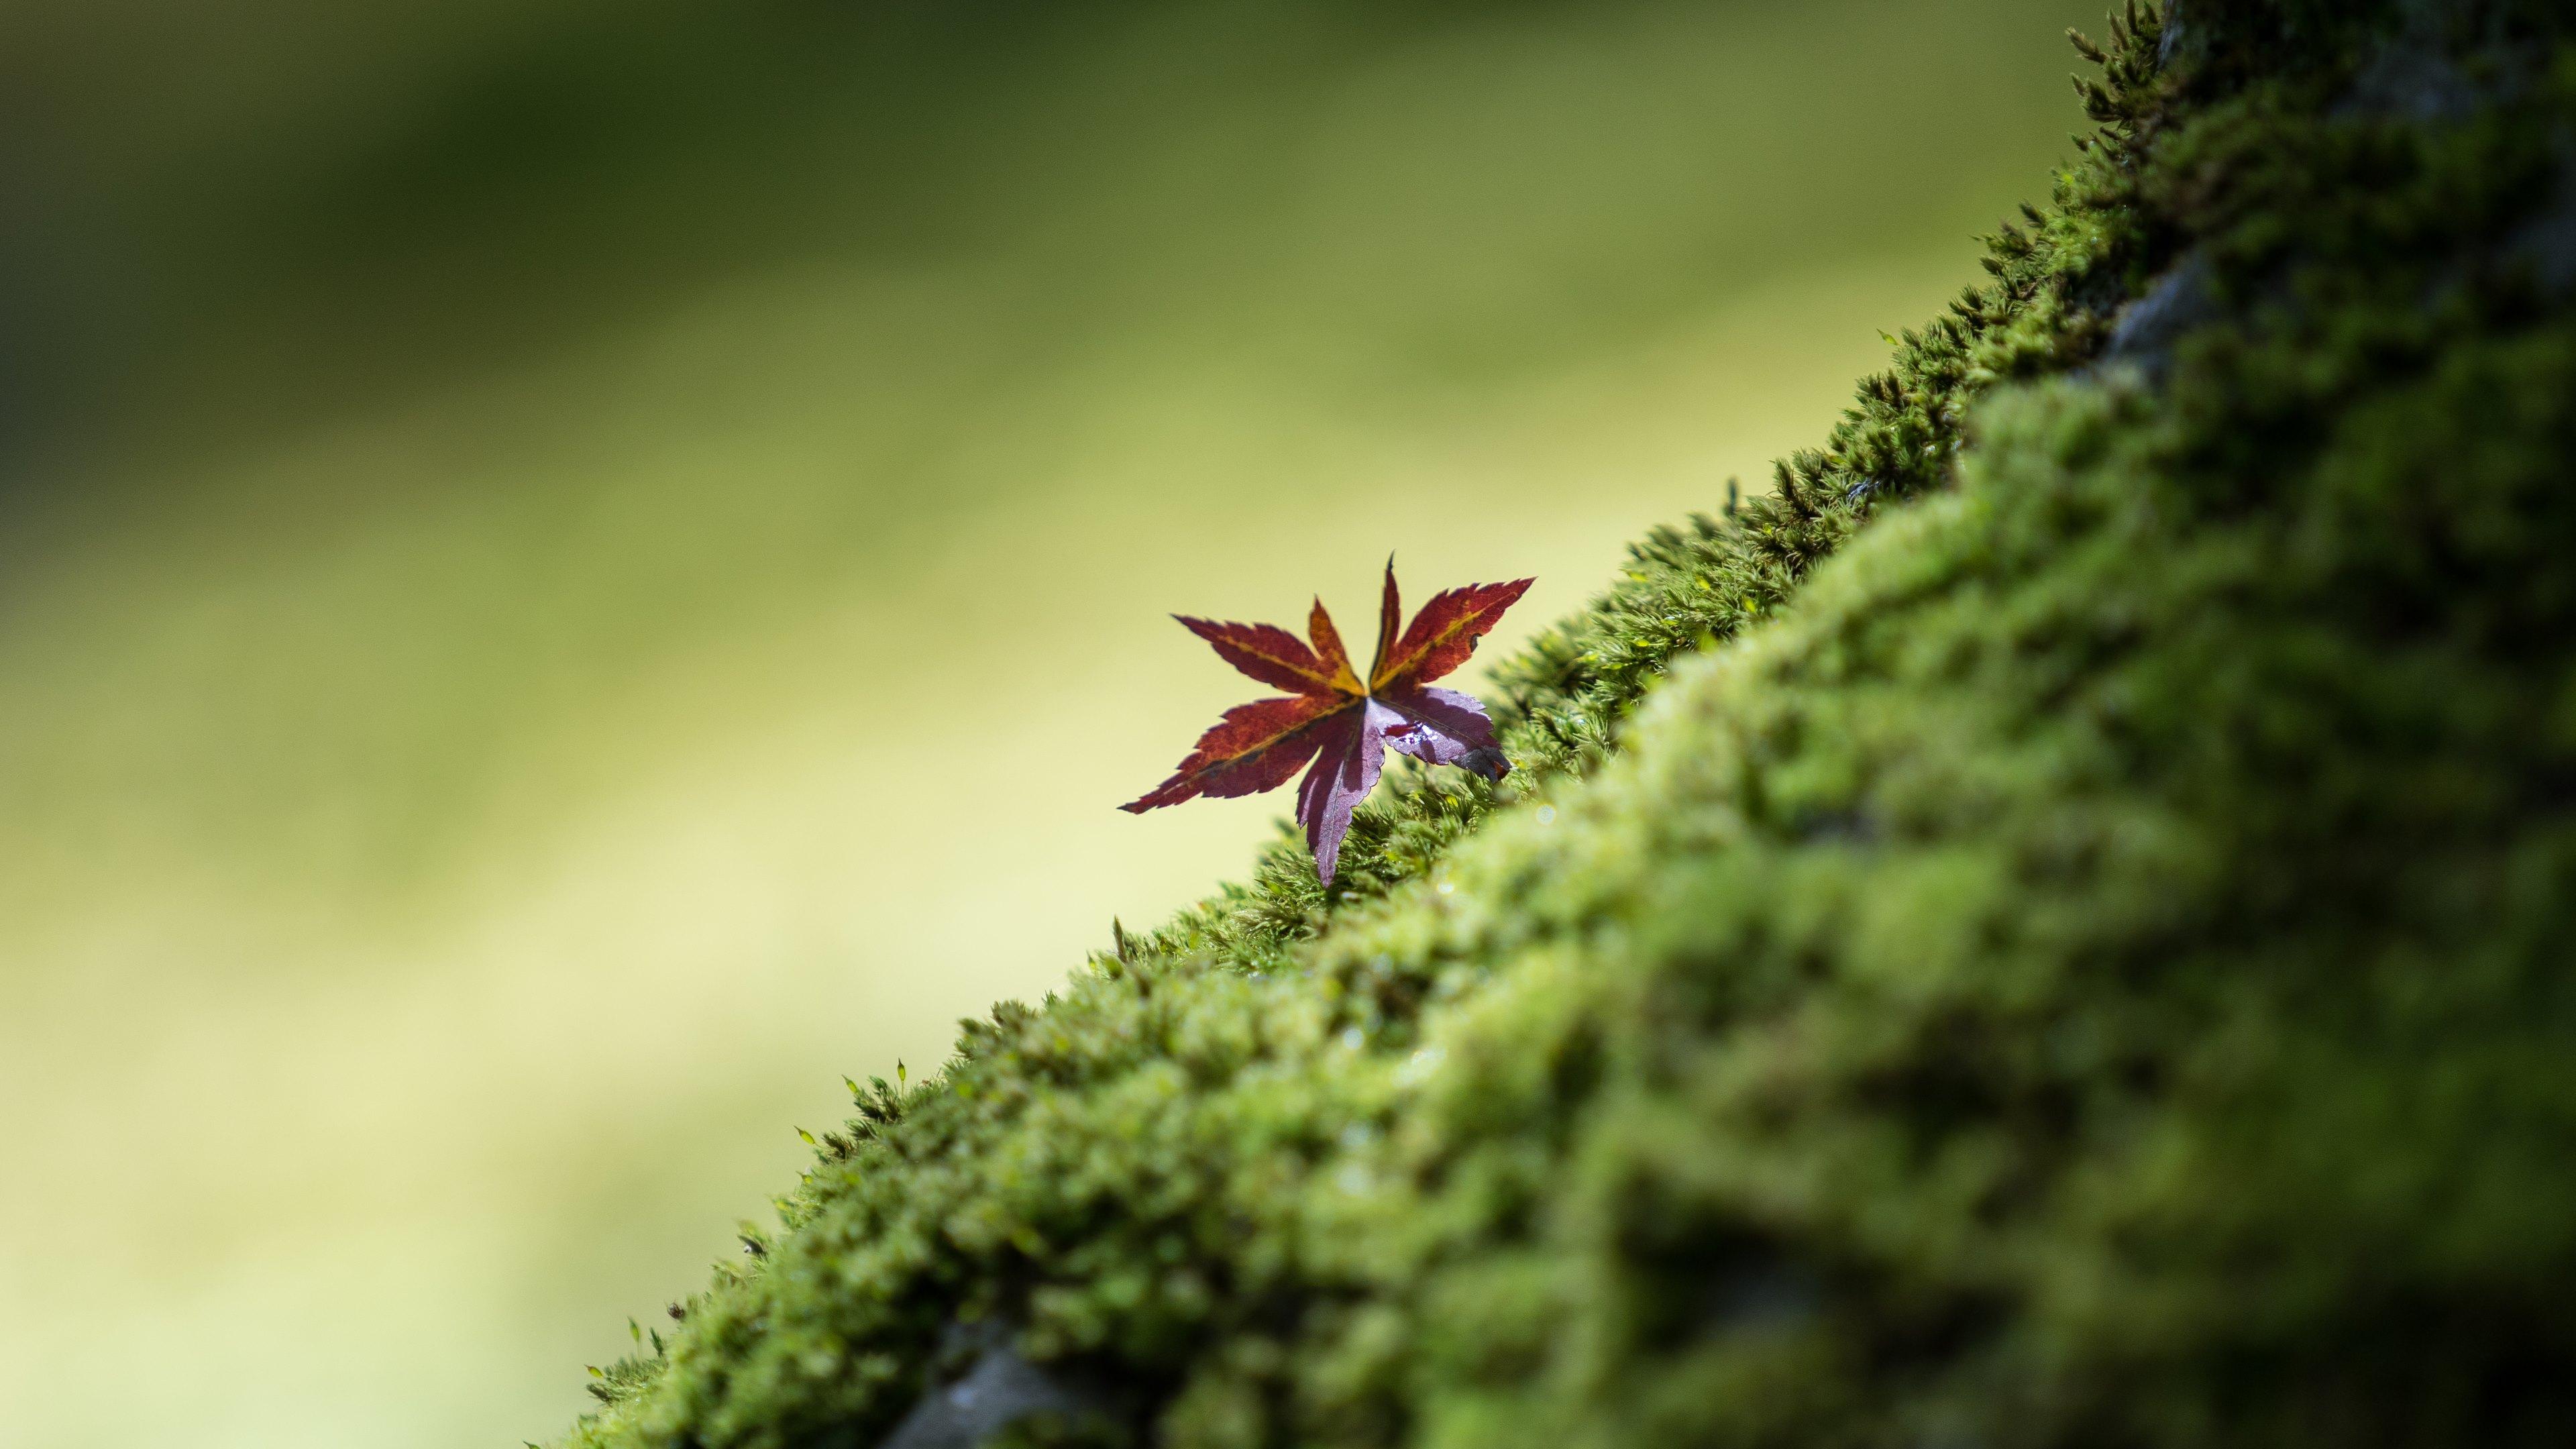 download Fortschritte der Botanik: Im Zusammenwirken mit den botanischen Gesellschaften von Danemark, Israel, den Niederlanden und der